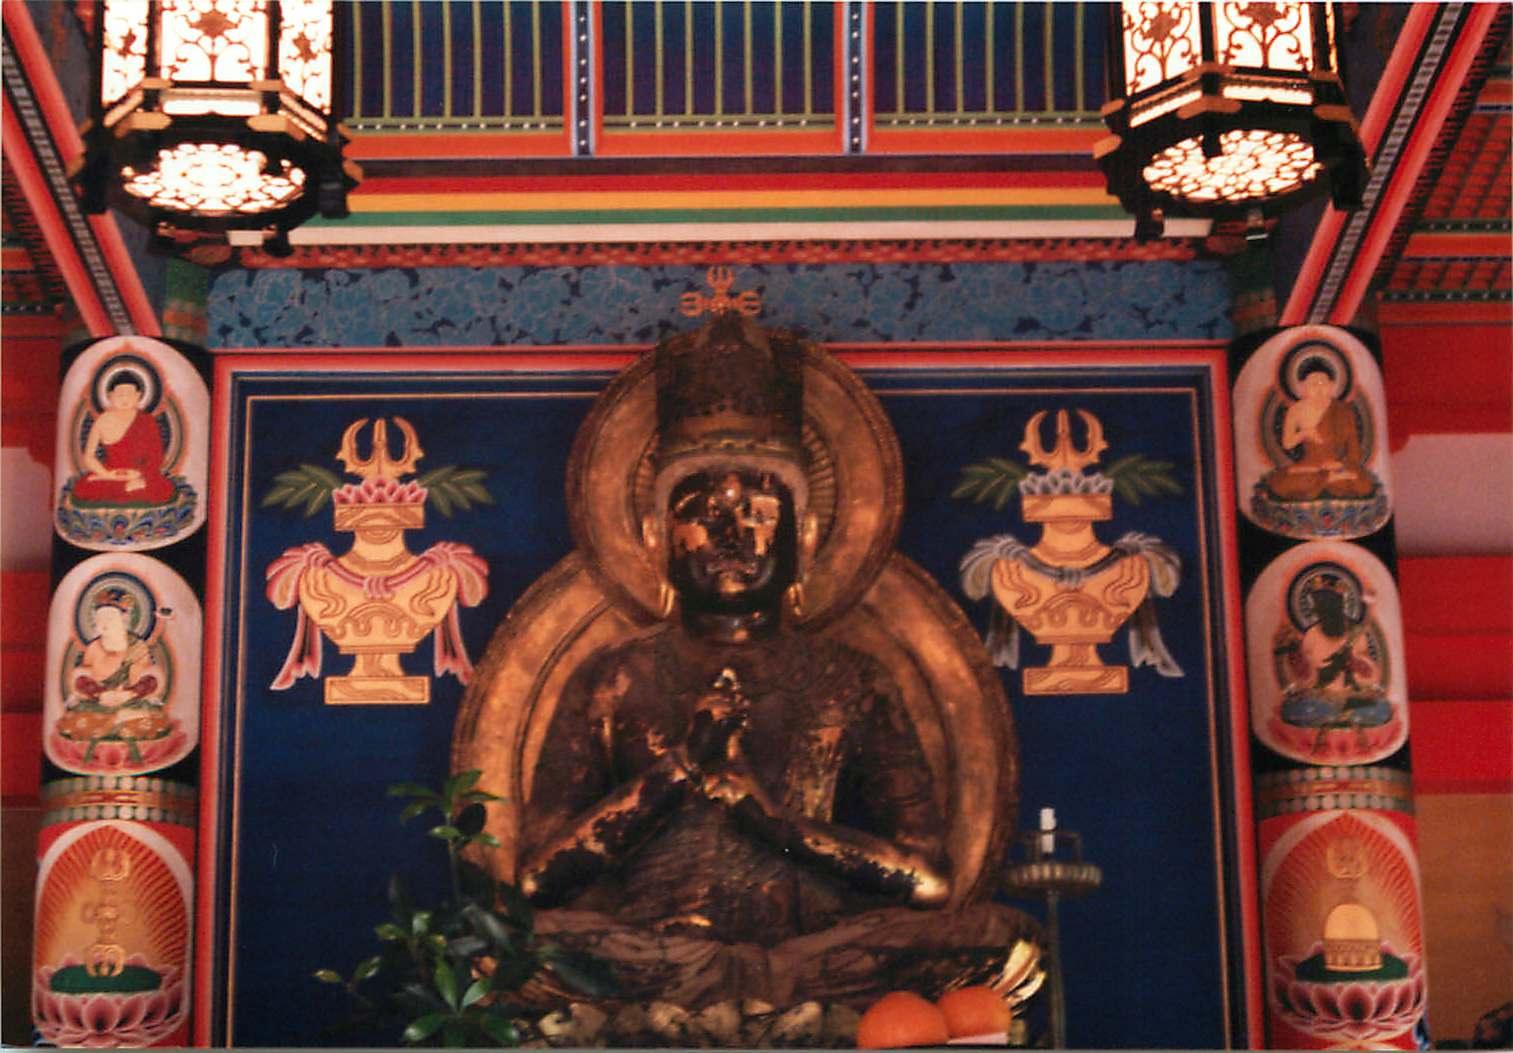 Der Große Sonnebuddha - Quelle der Reiki-Kraft - Shingon Reiki Meister Praktiker